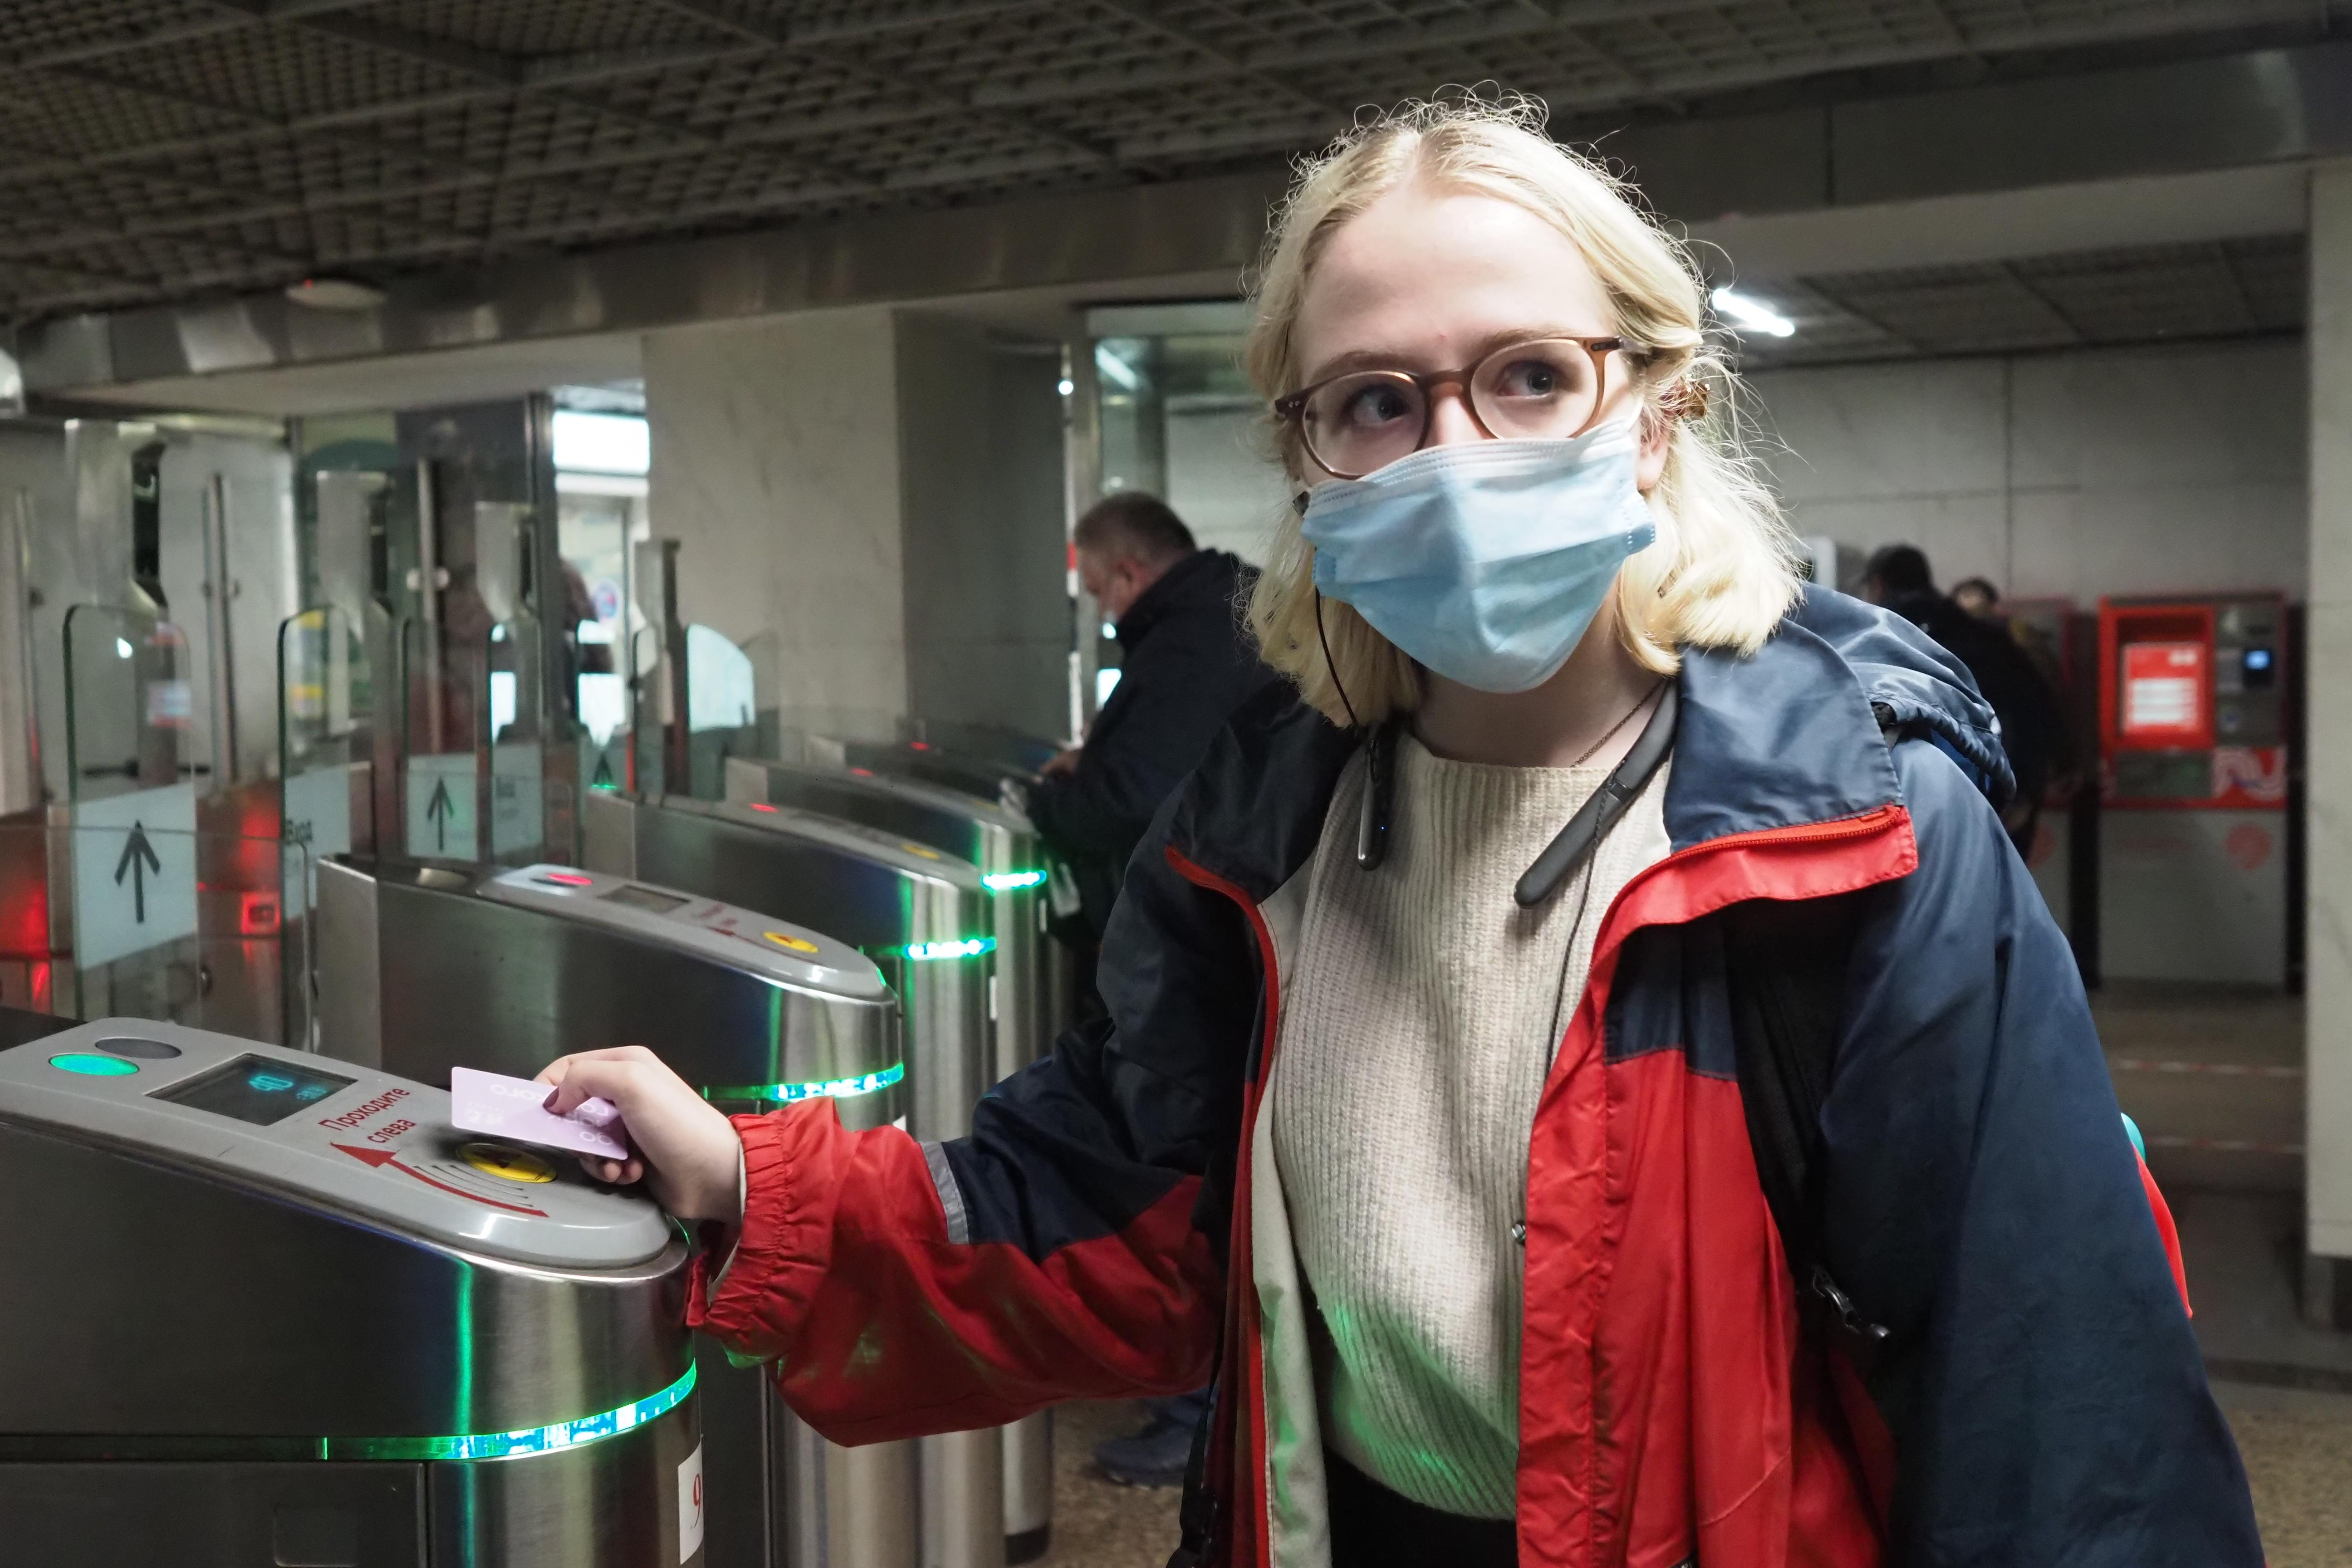 Общее число заразившихся COVID-19 в мире превысило 71 миллиона человек